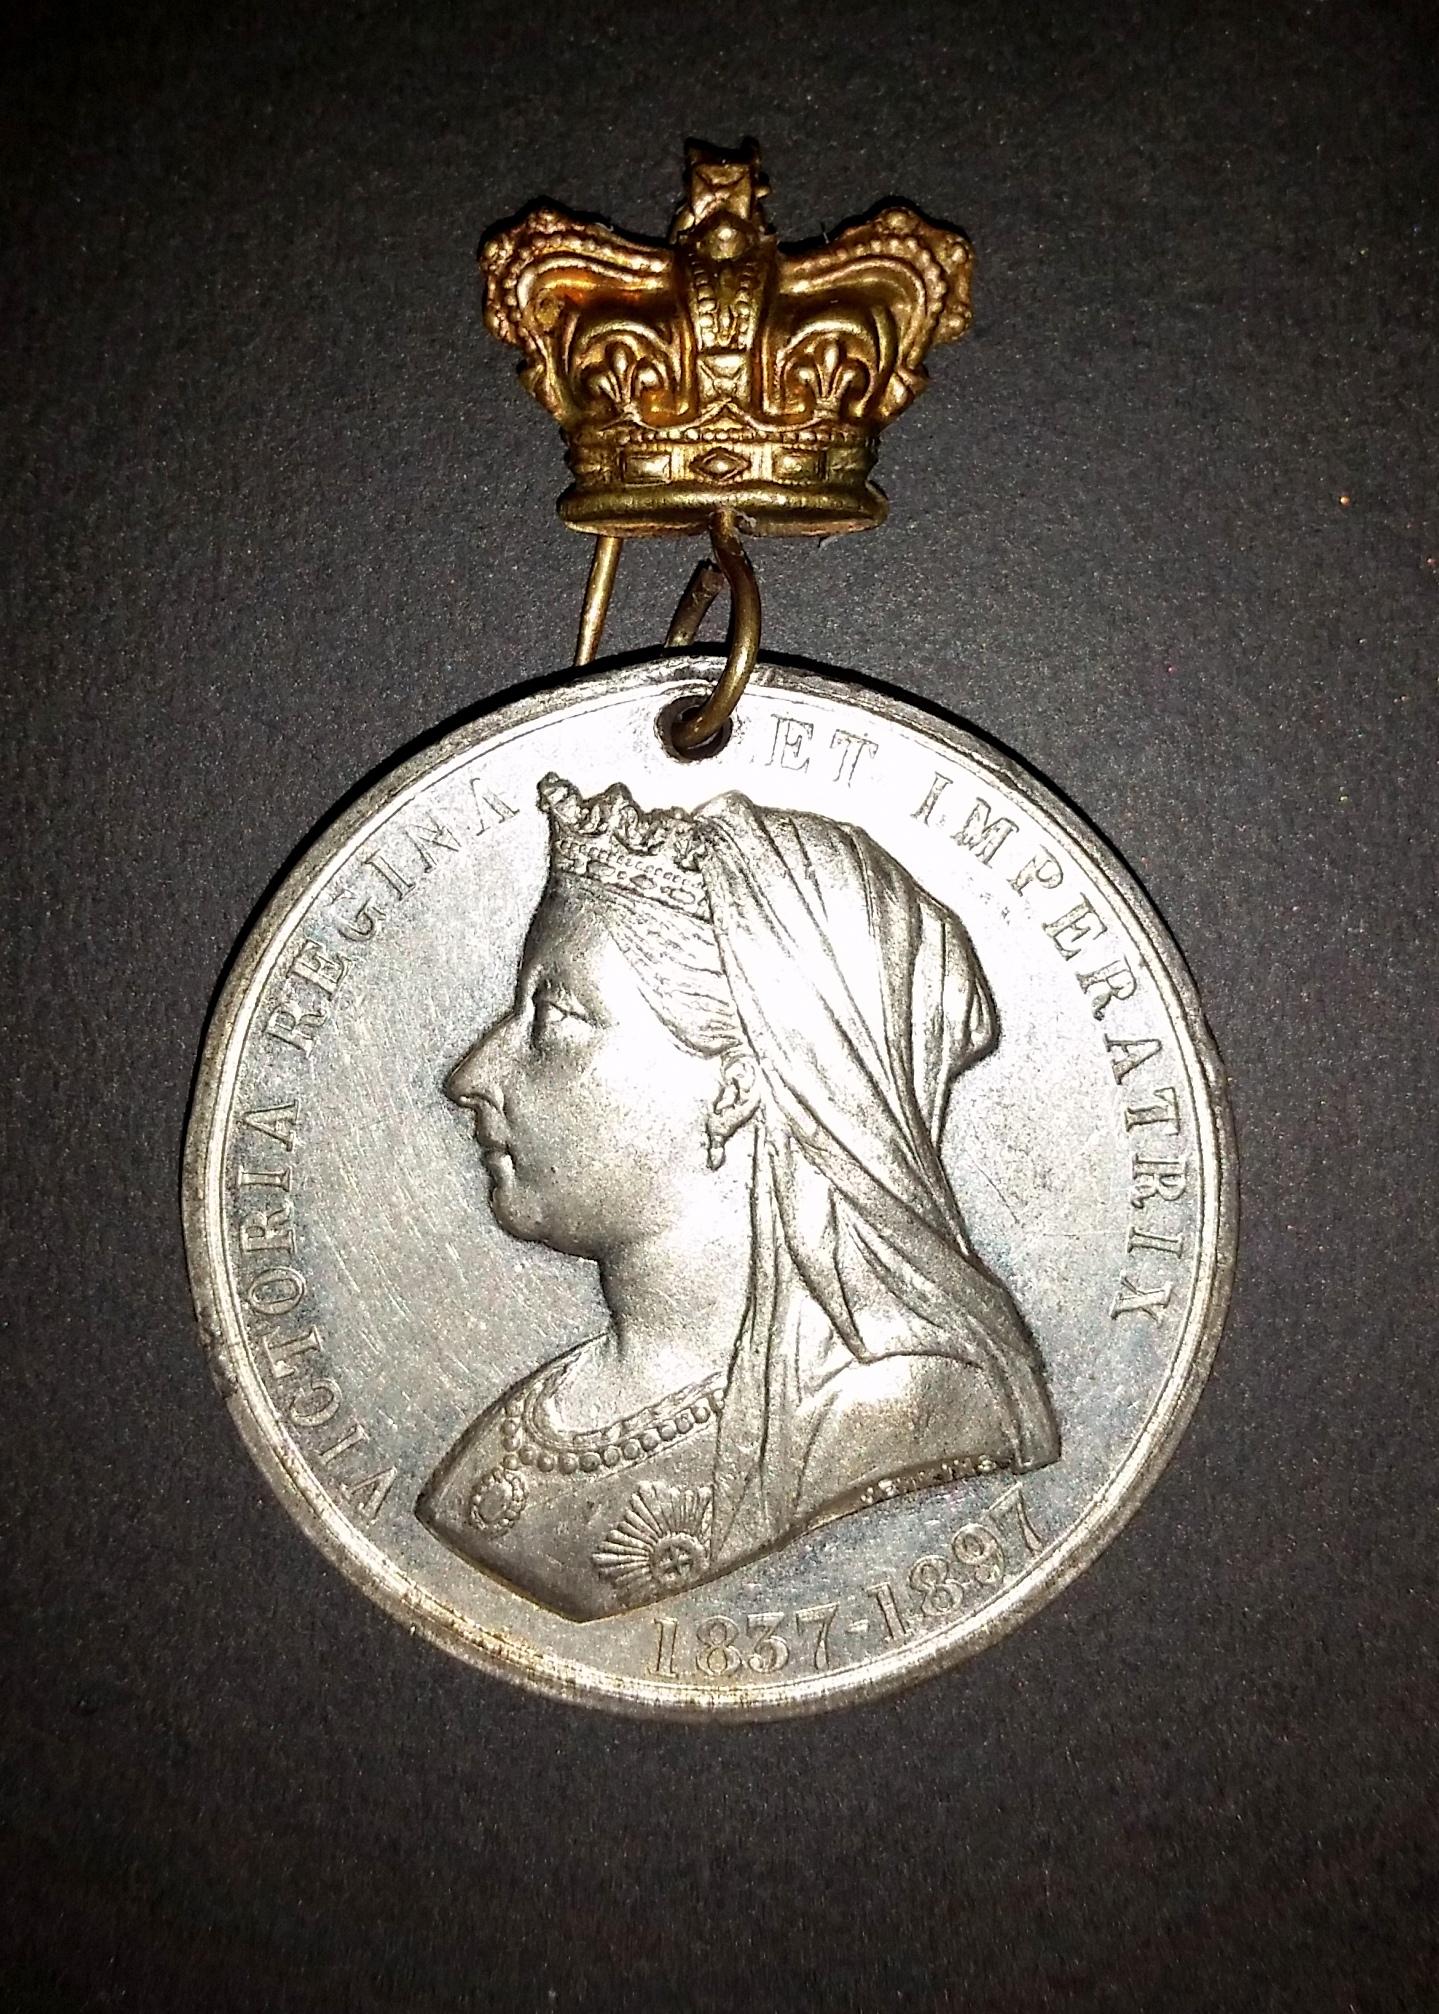 Queen Victoria Jubilee Medal Front